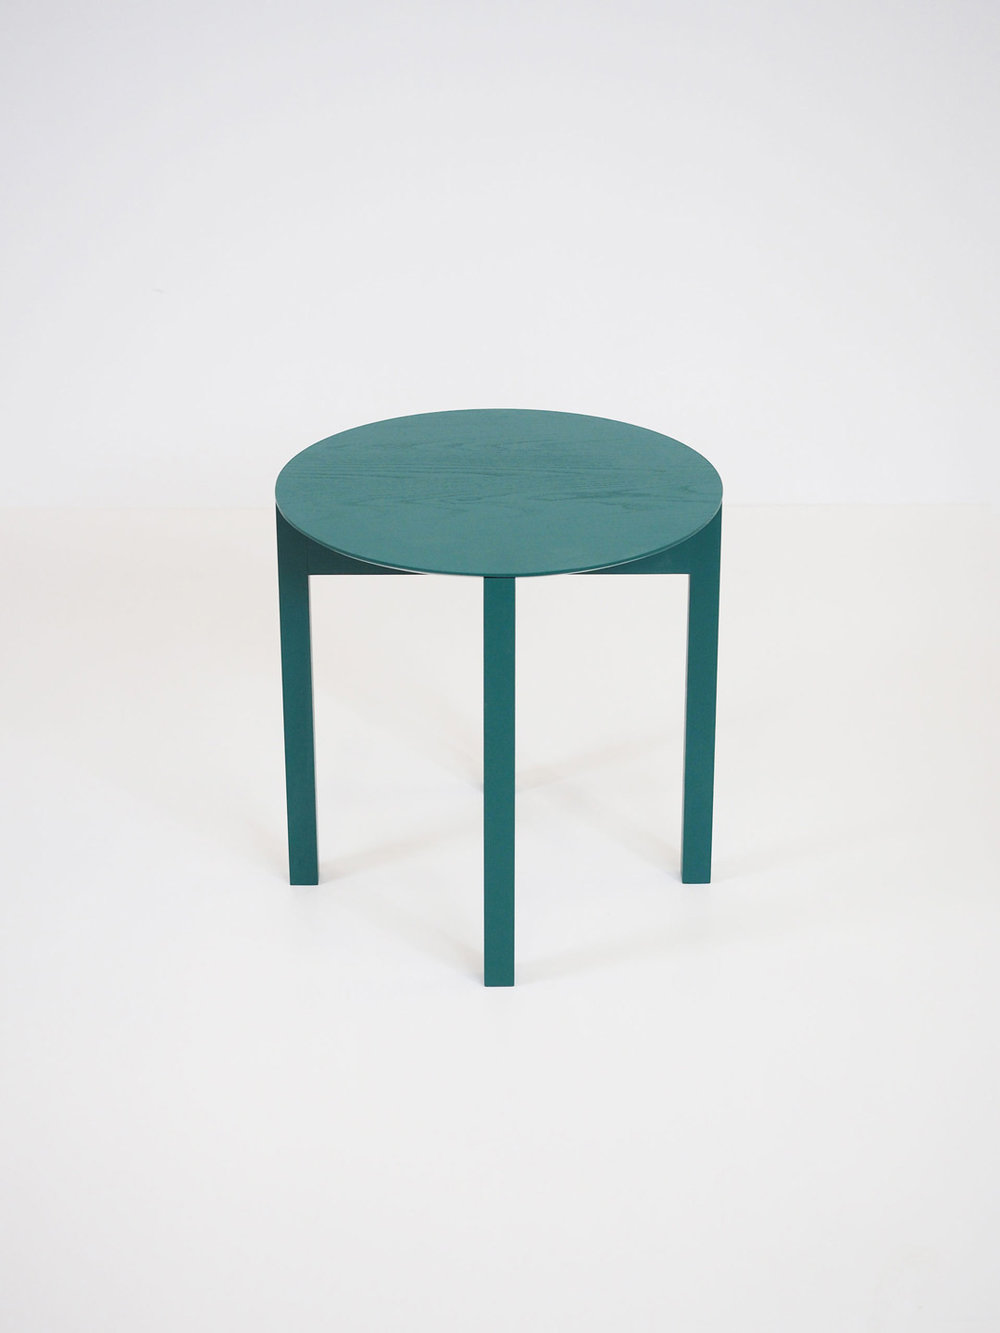 Celinde designed by Lukas Klingsbichel